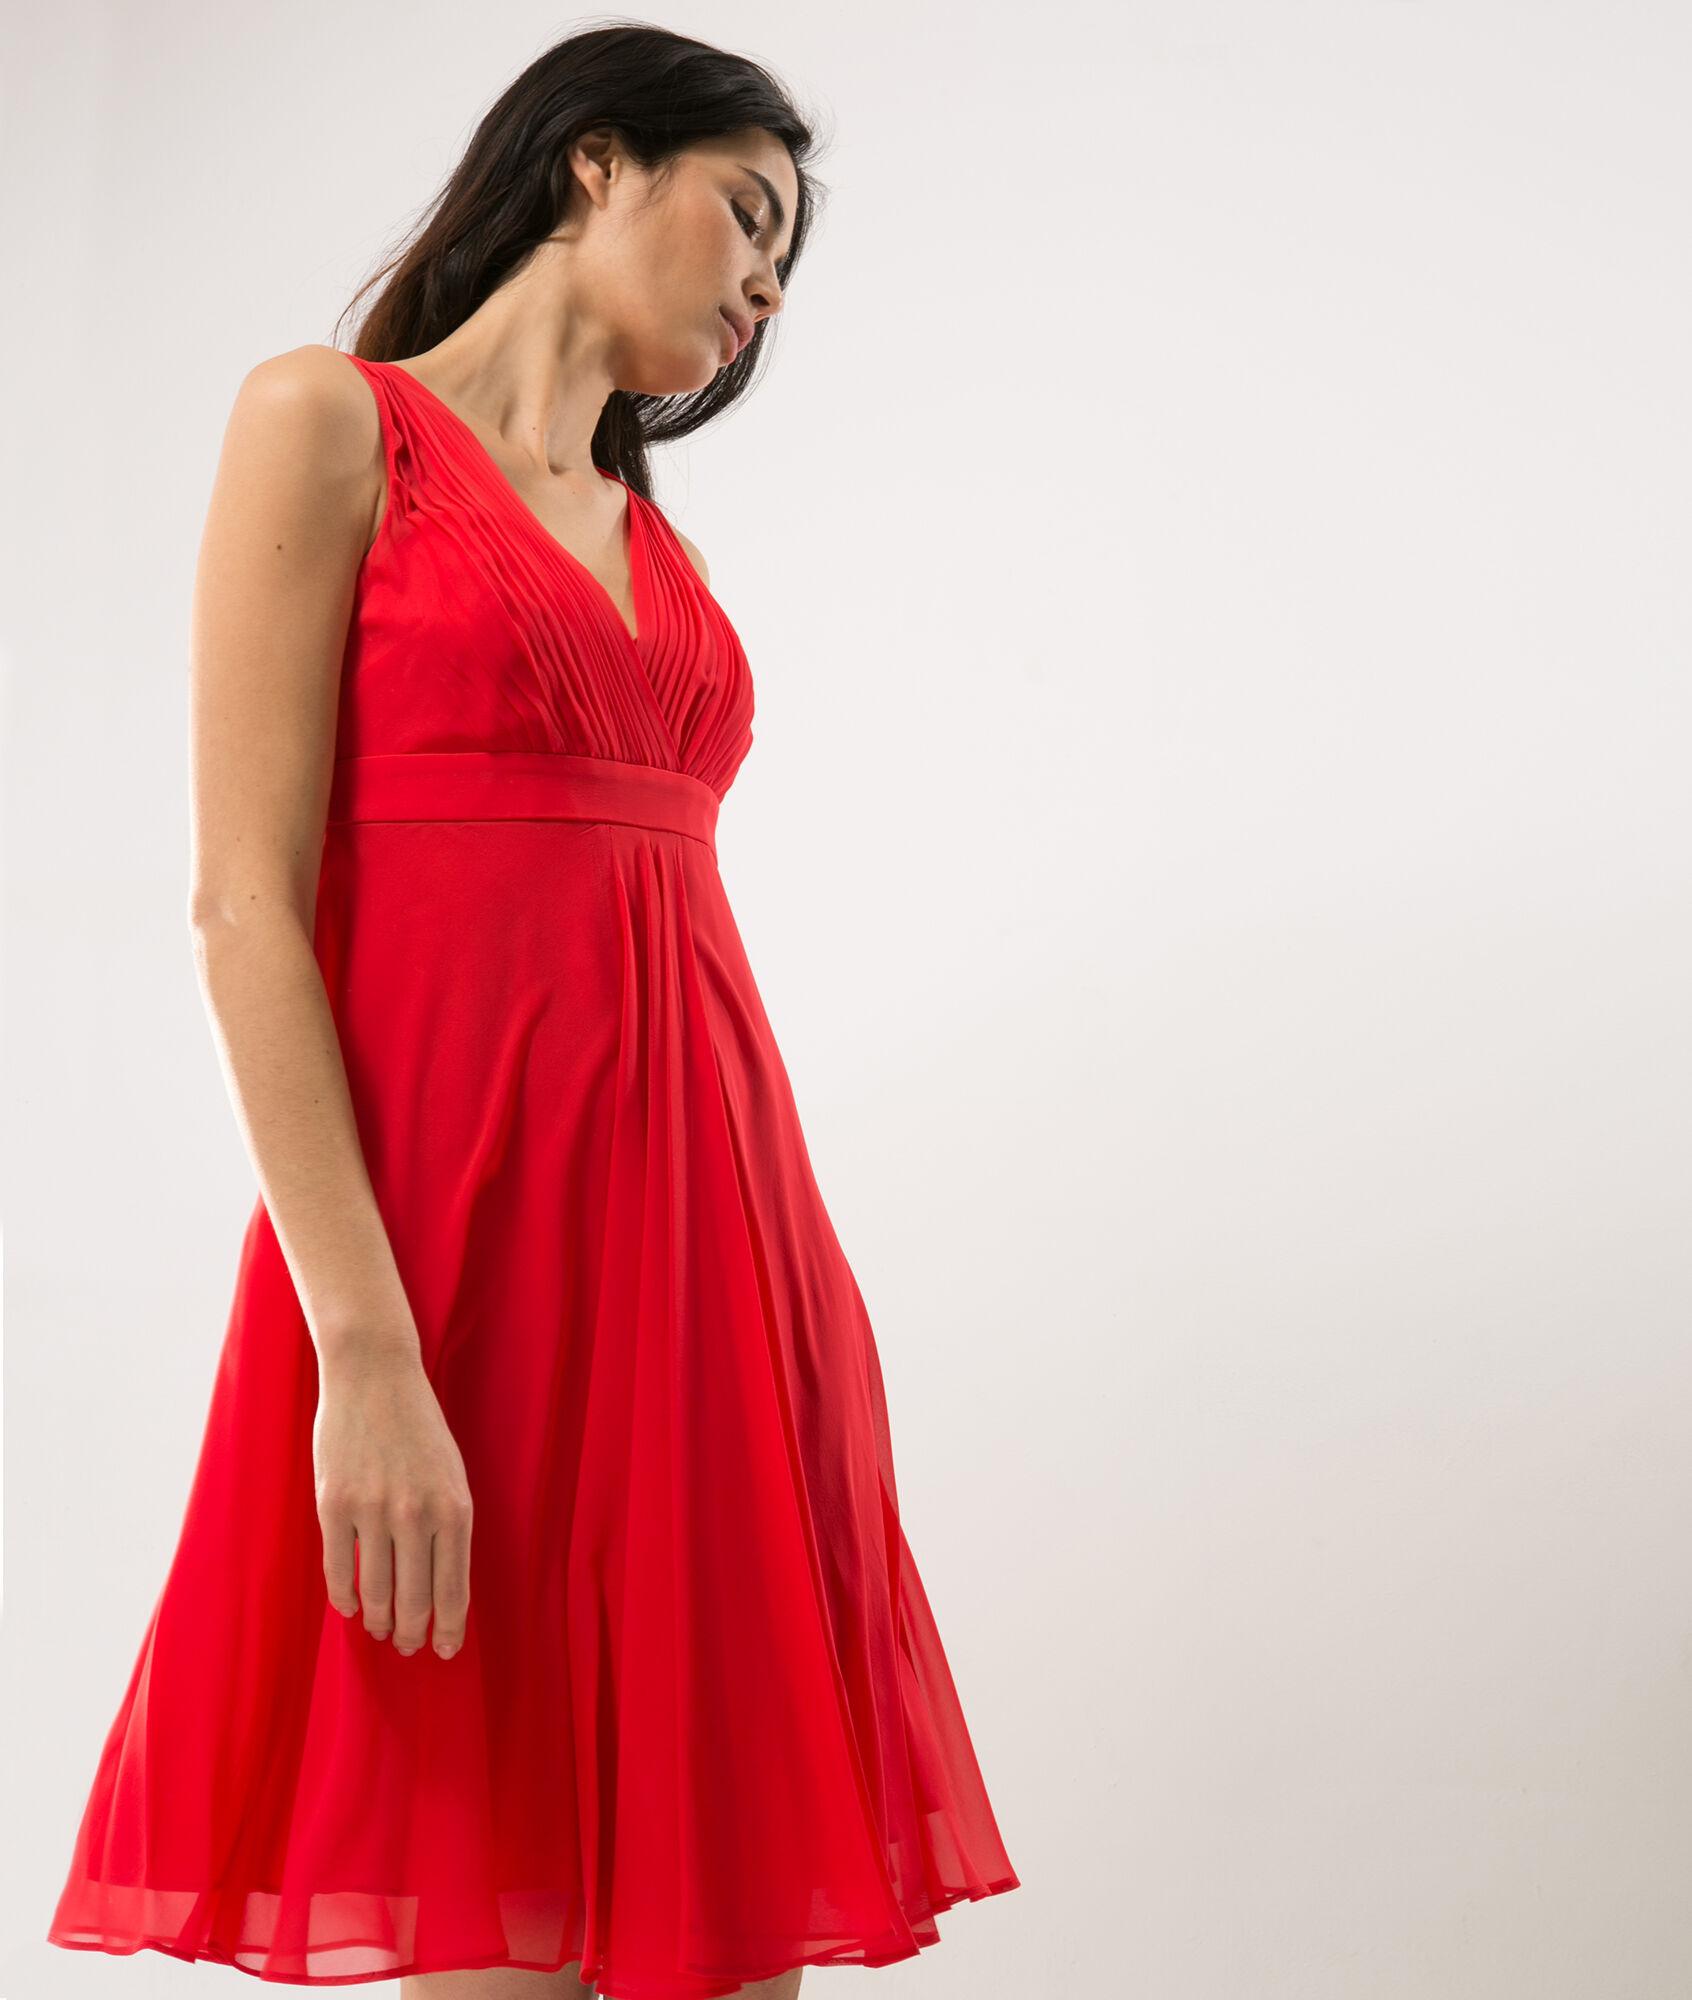 Robe rouge soie 123